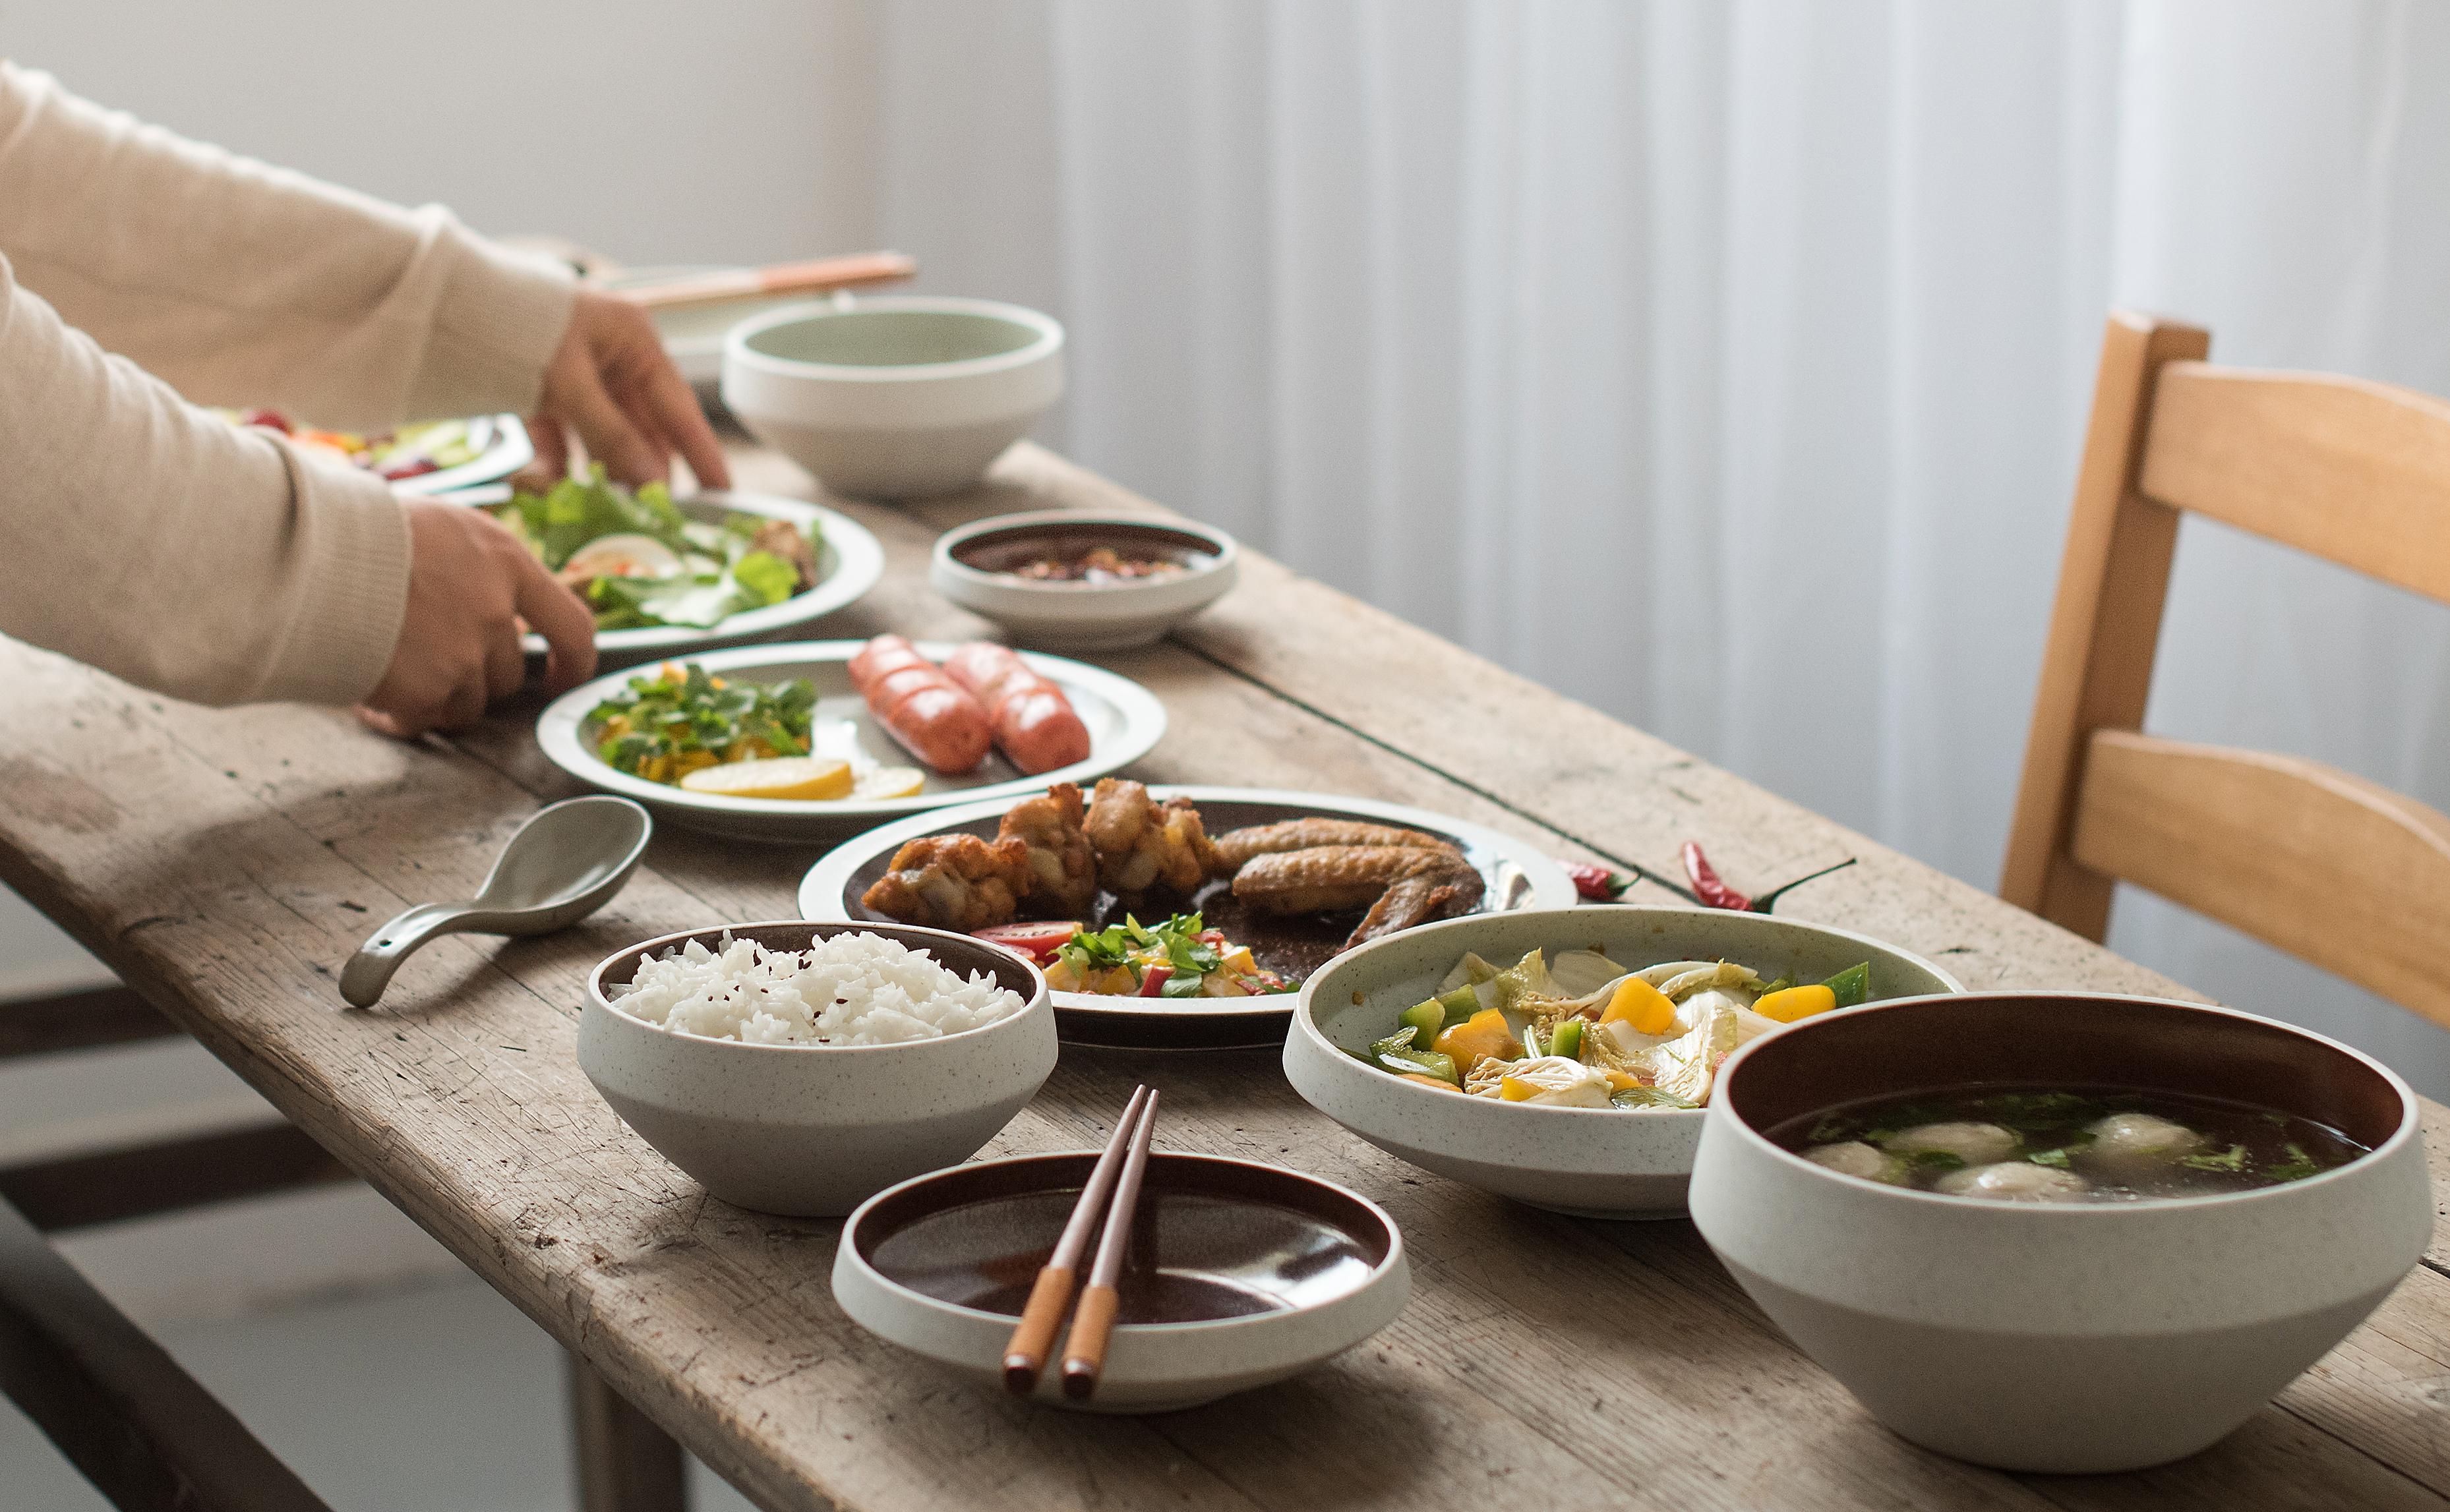 最便宜的三种减肥食物 花很少的钱也能起到好的效果